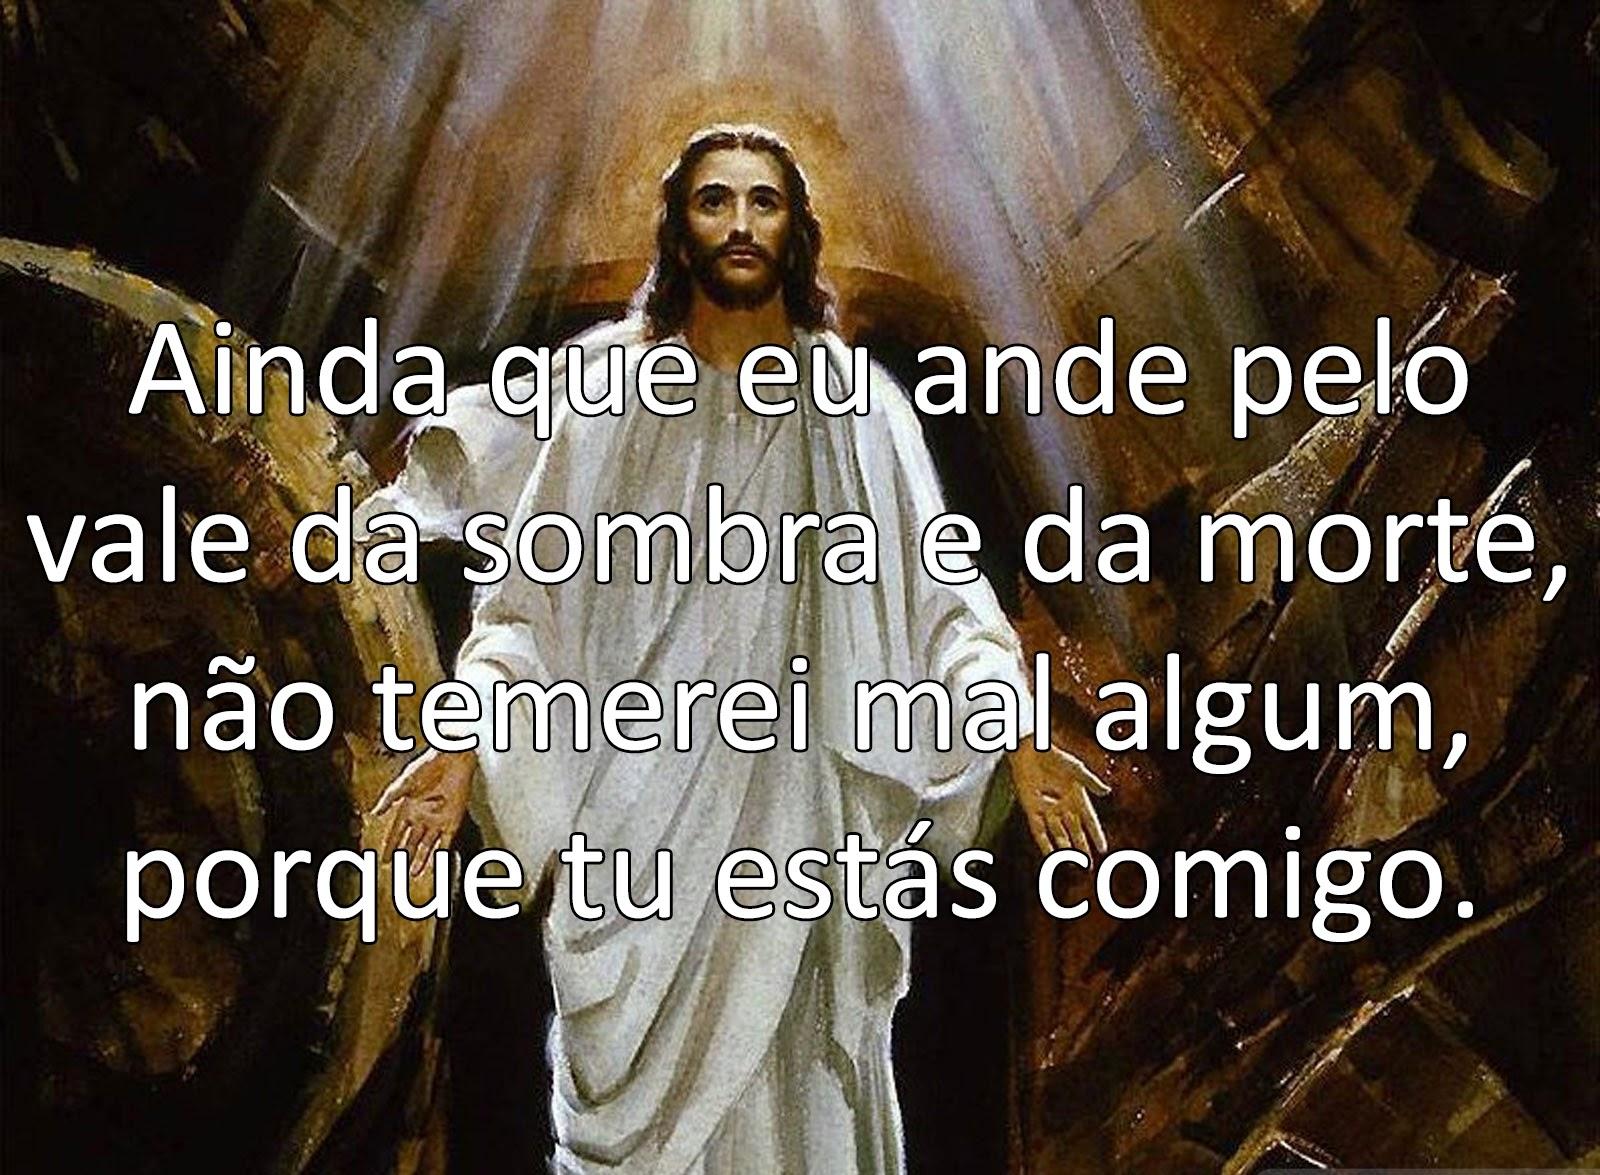 Frases Guerreiros De Cristo: Fotos Imagens De Jesus Cristo De Nazaré: Imagens Com